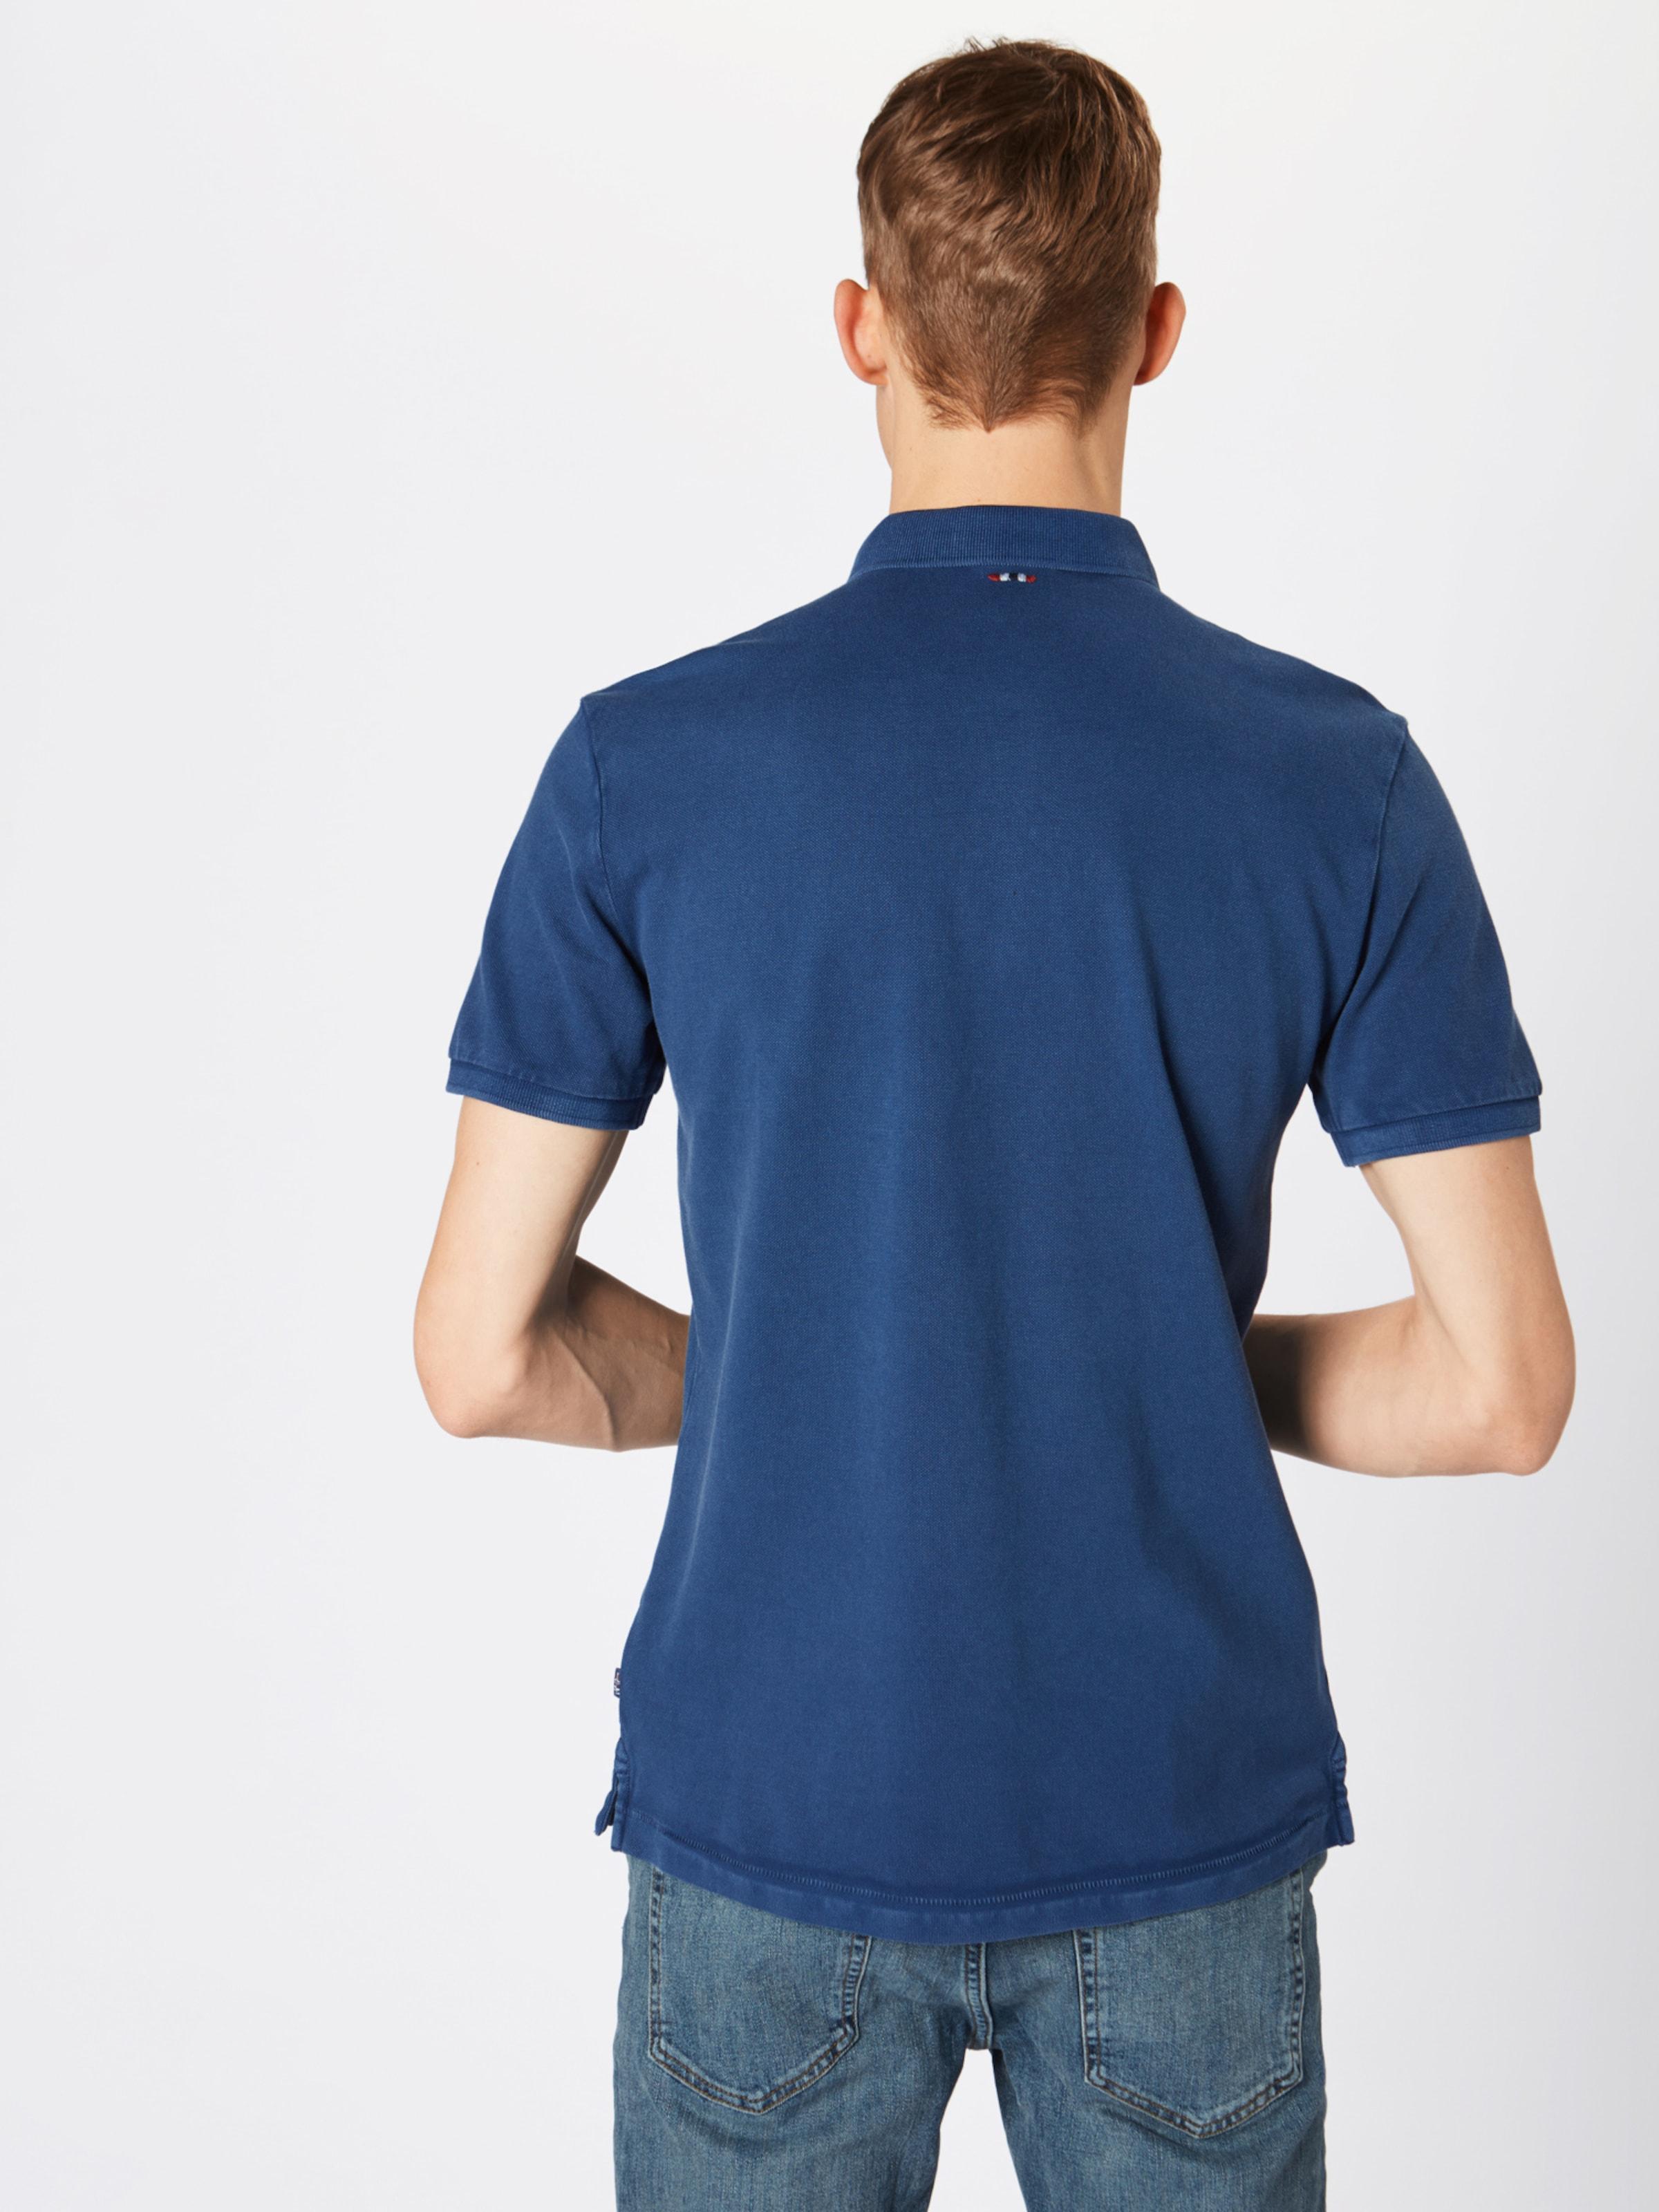 Napapijri Dunkelblau 'elbas Poloshirt In 2' PZTOiukX